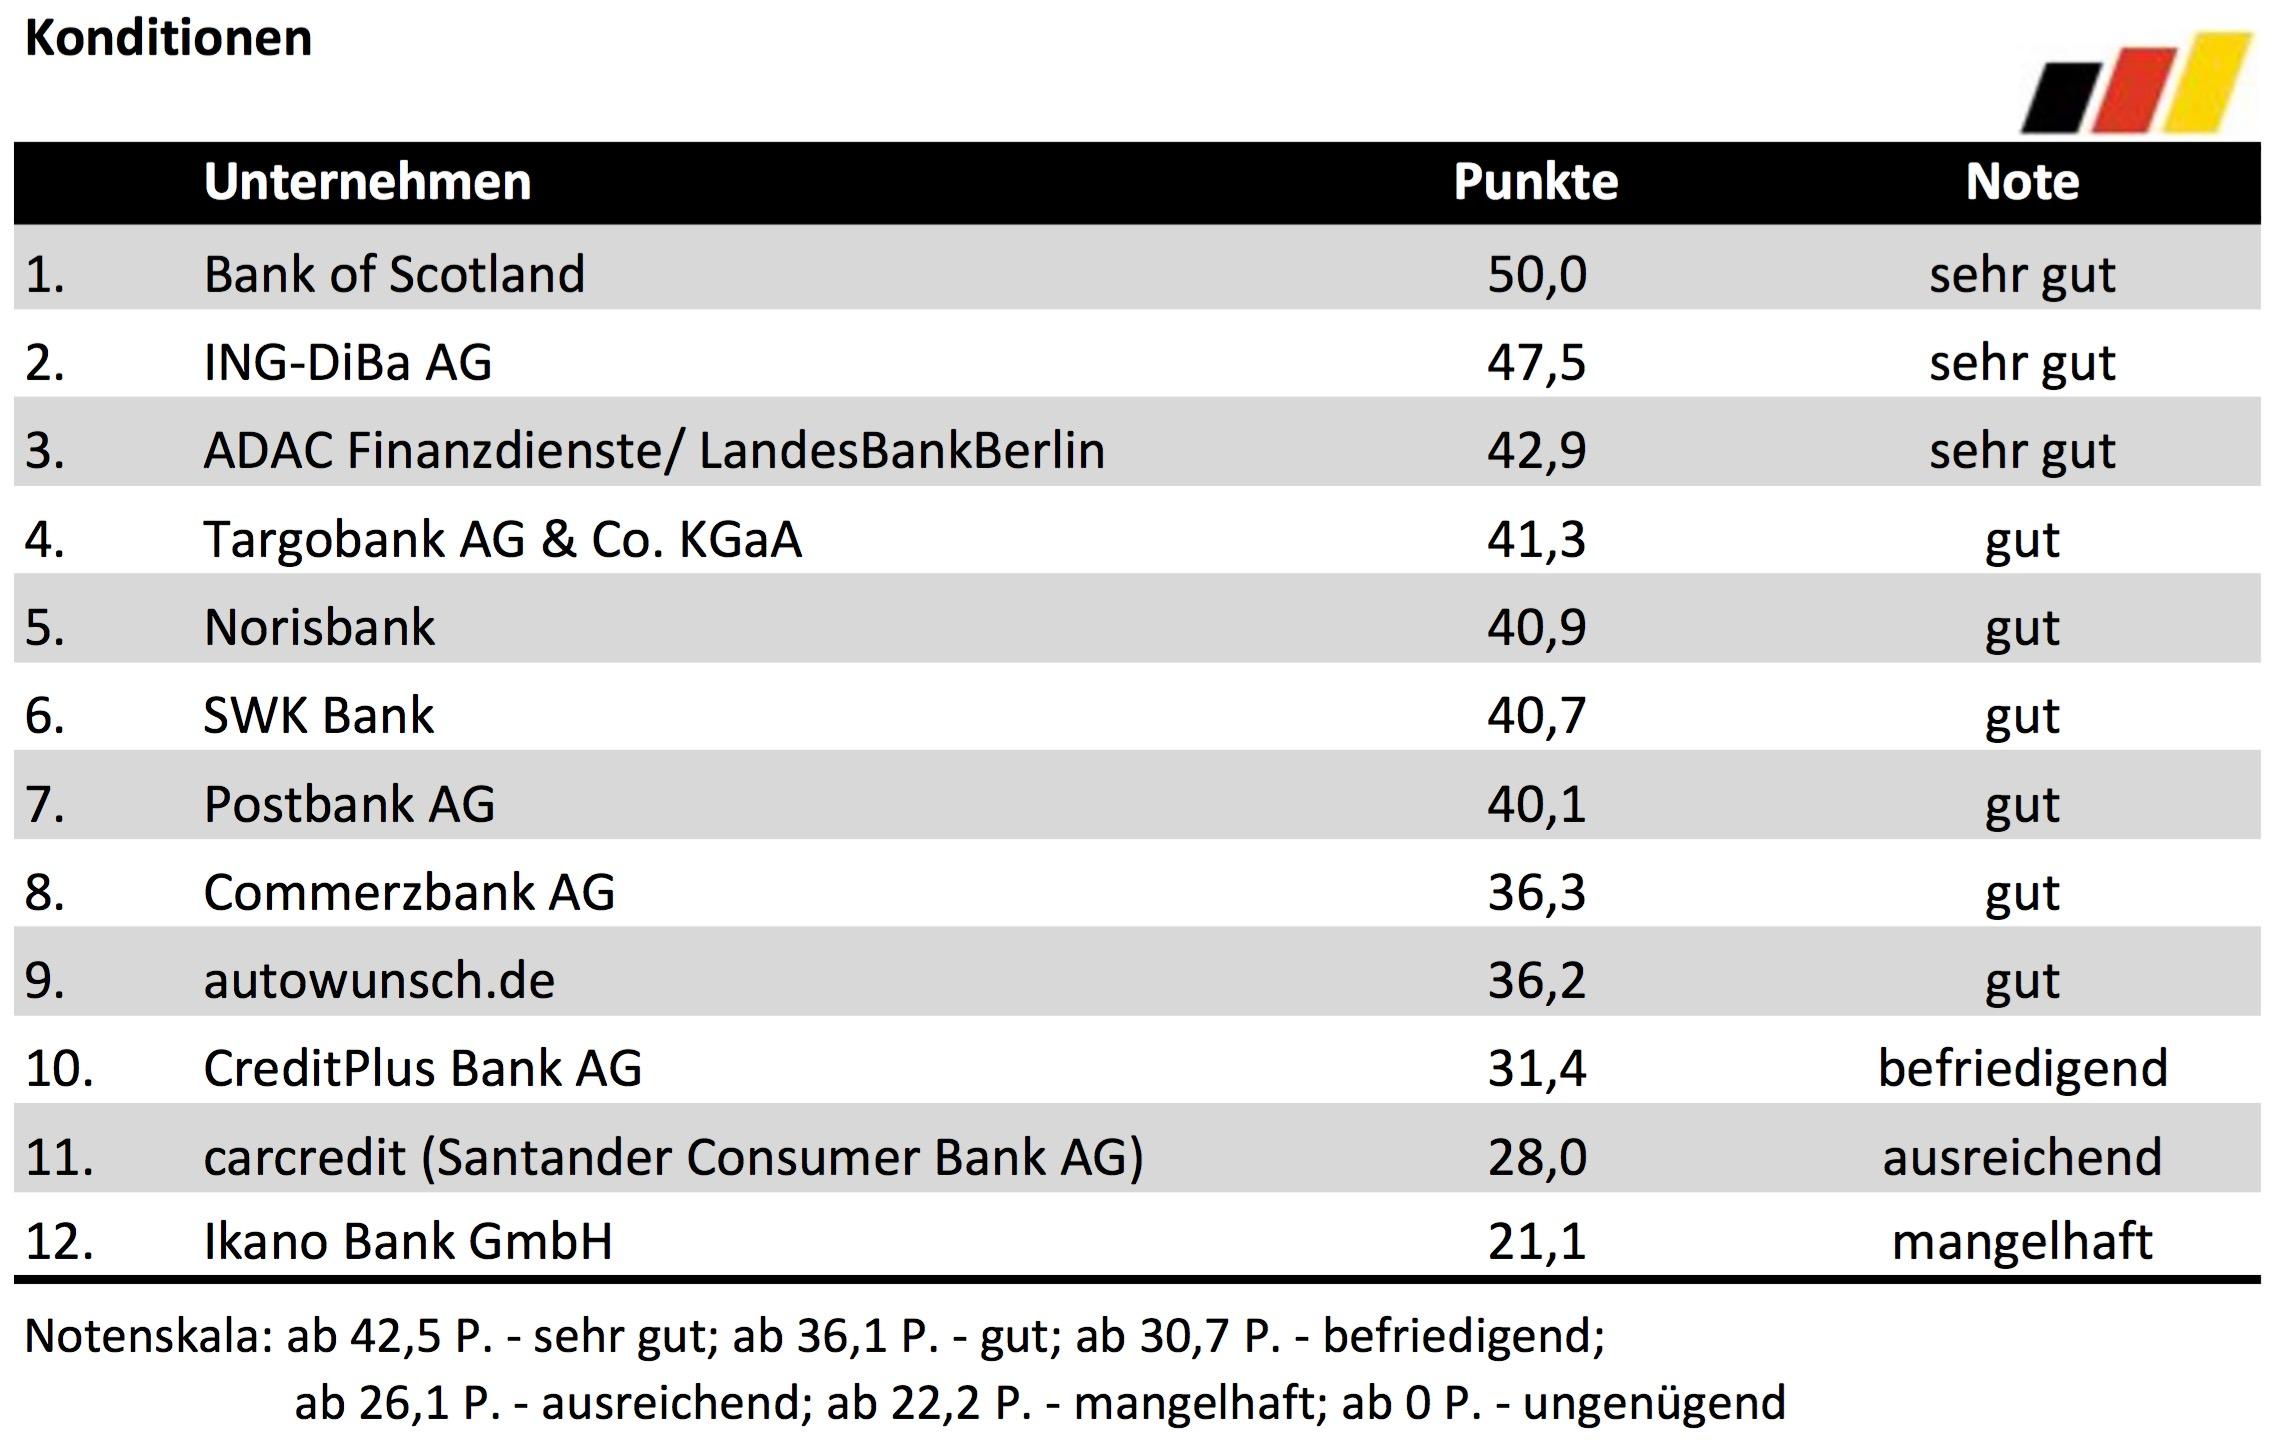 Bester Autofinanzierer 2016 - Konditionen - Deutsches Kundeninstitut (DKI)